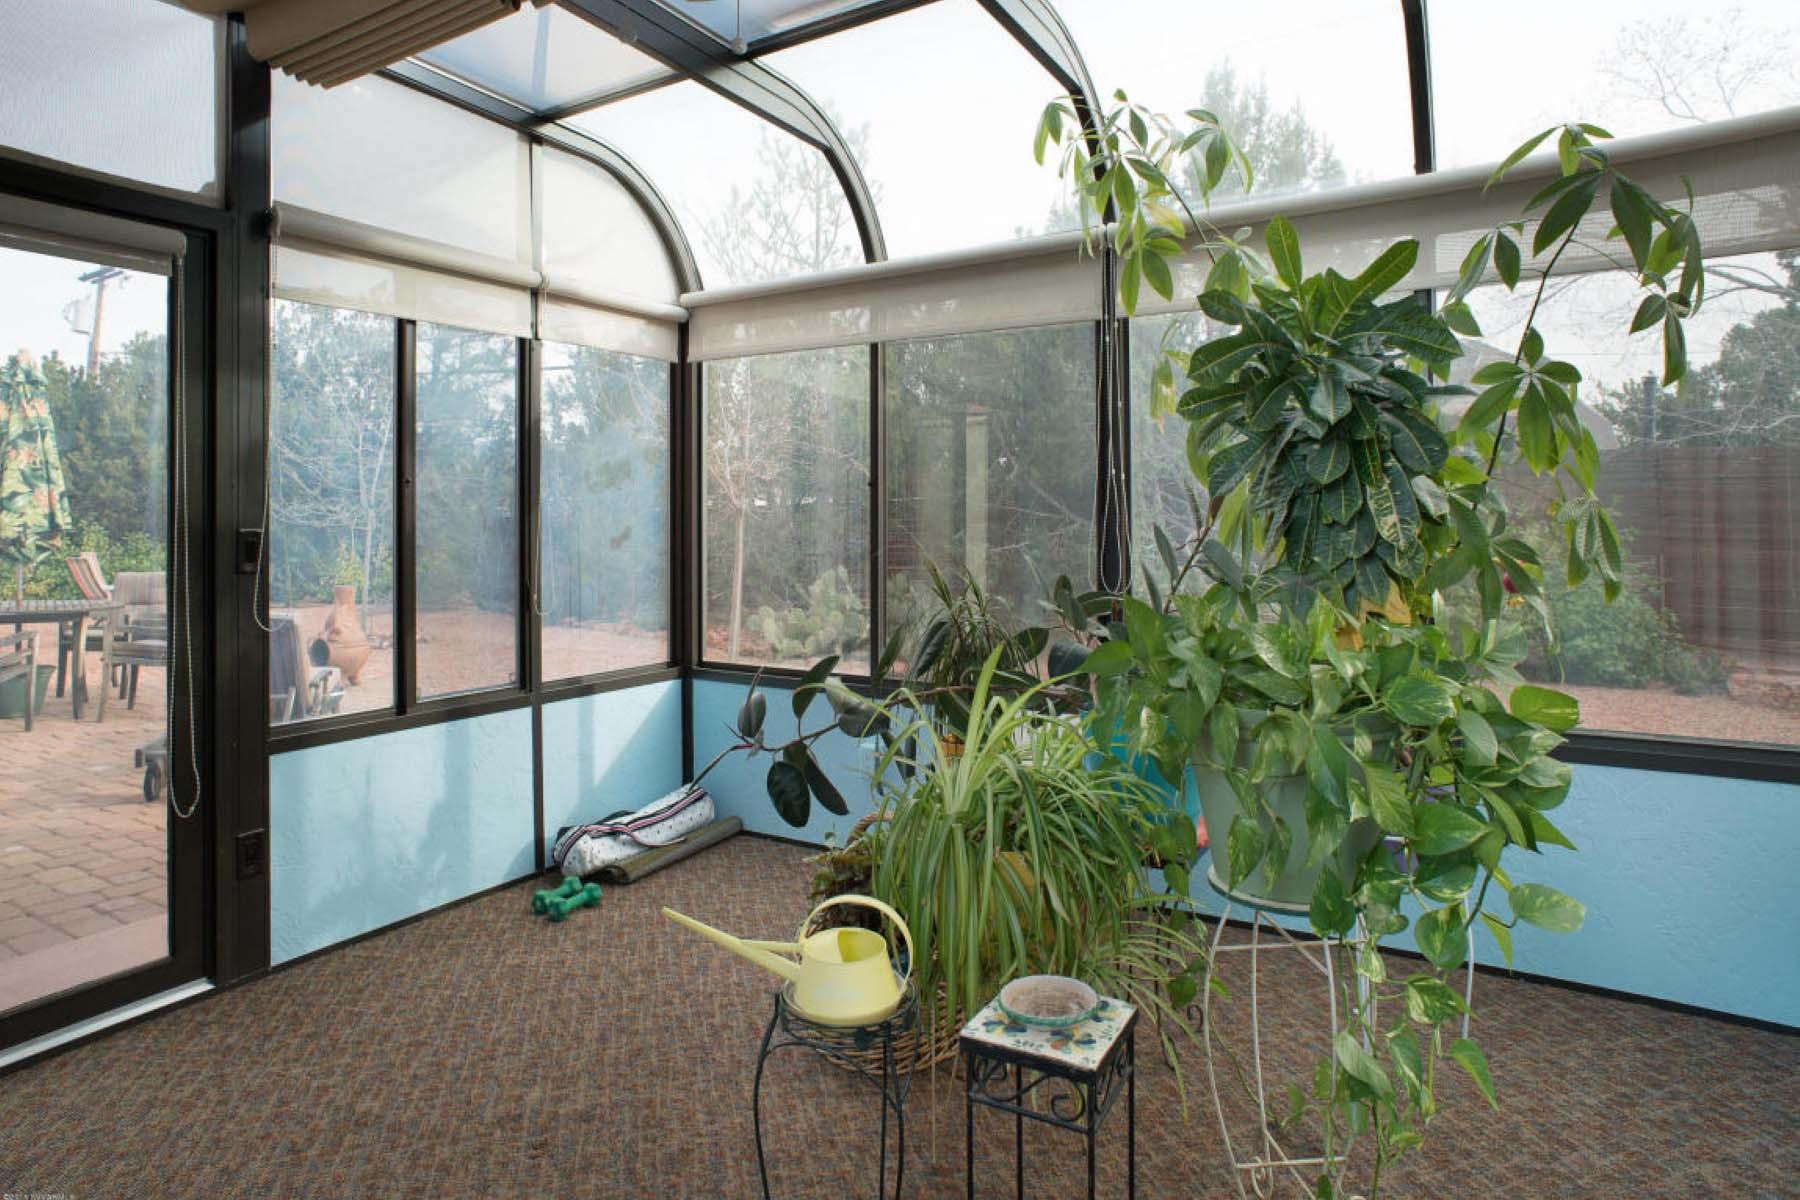 Tek Ailelik Ev için Satış at Find your peace in this quiet contemporary southwestern style home. 35 Stations West Sedona, Arizona 86336 Amerika Birleşik Devletleri